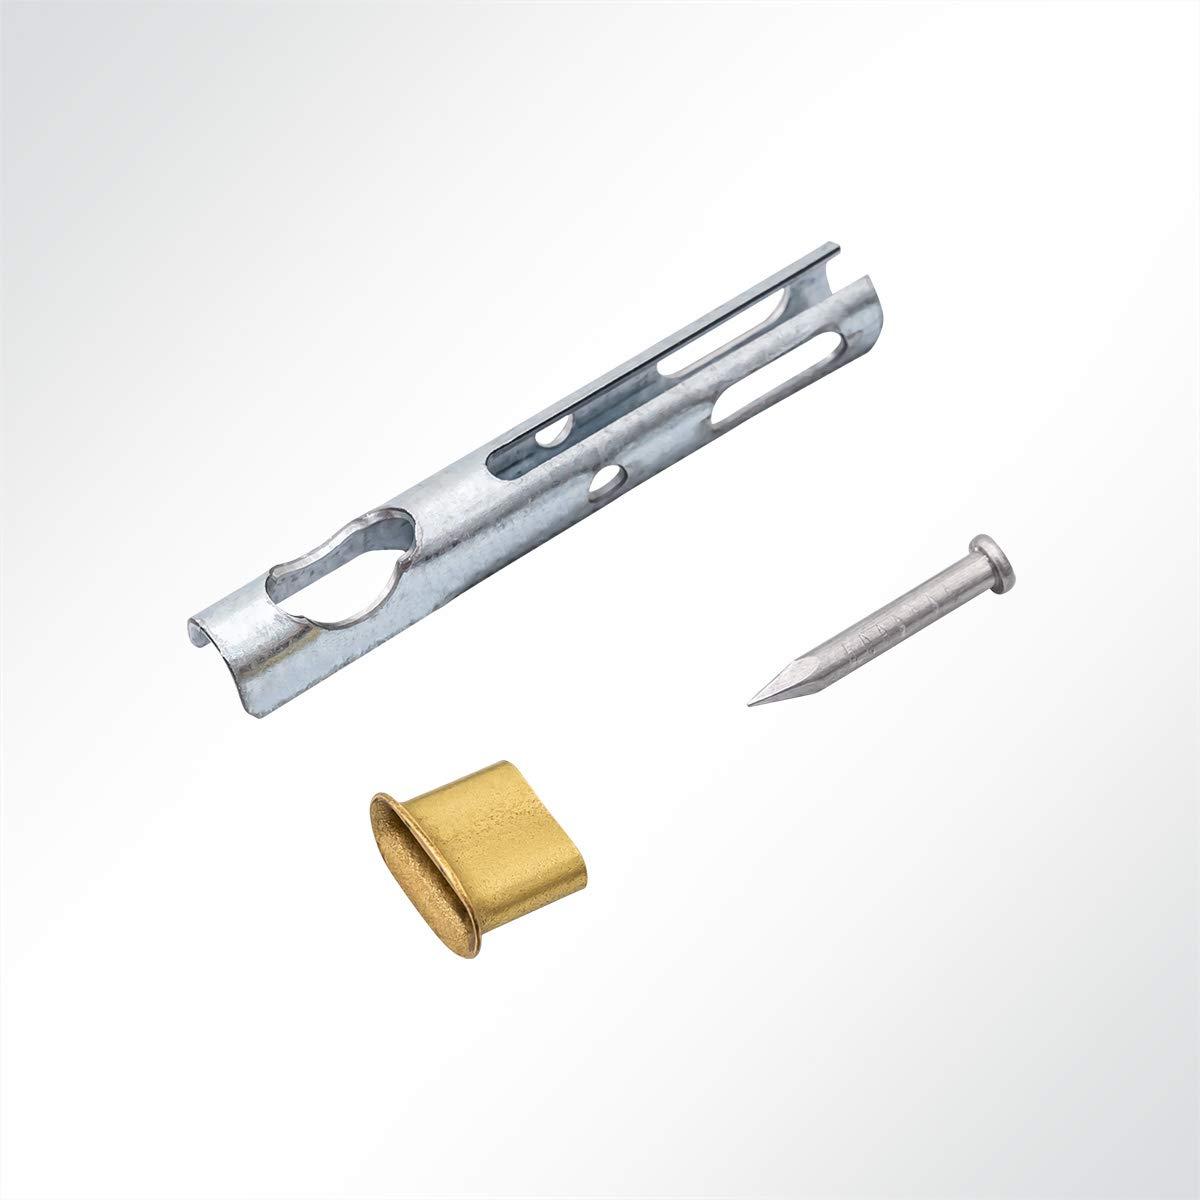 LYSEL/® Seilendverschluss nach Zollvorschrift TIR verzinkt f/ür 6mm Zollseil